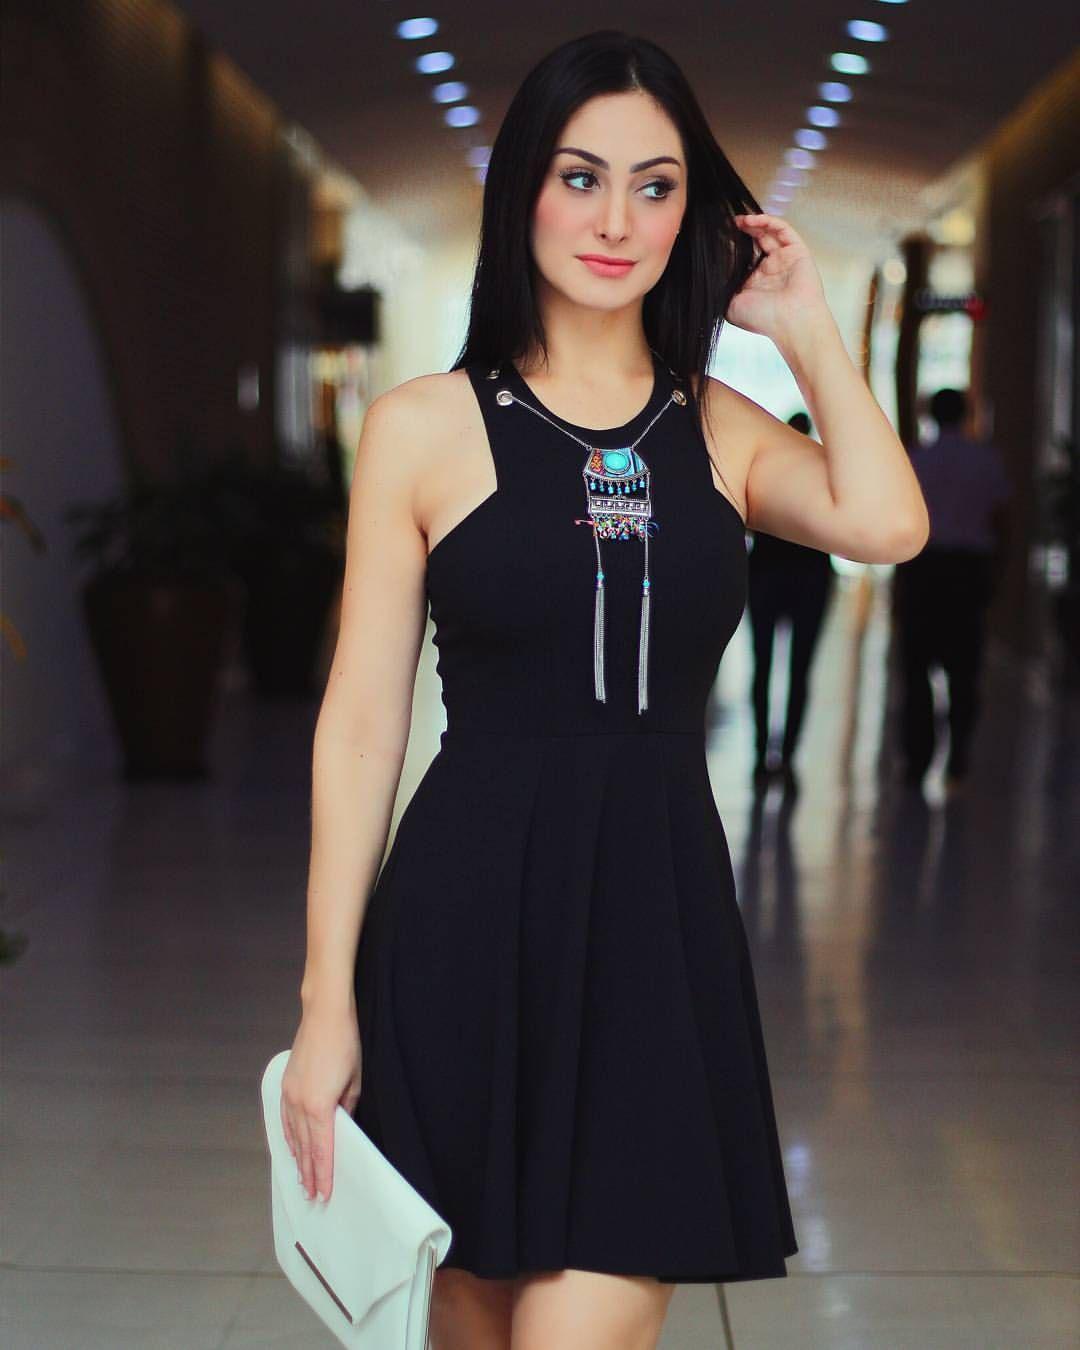 """Cappuccino Fashion no Instagram: """"Mais um vestido lindíssimo com ..."""